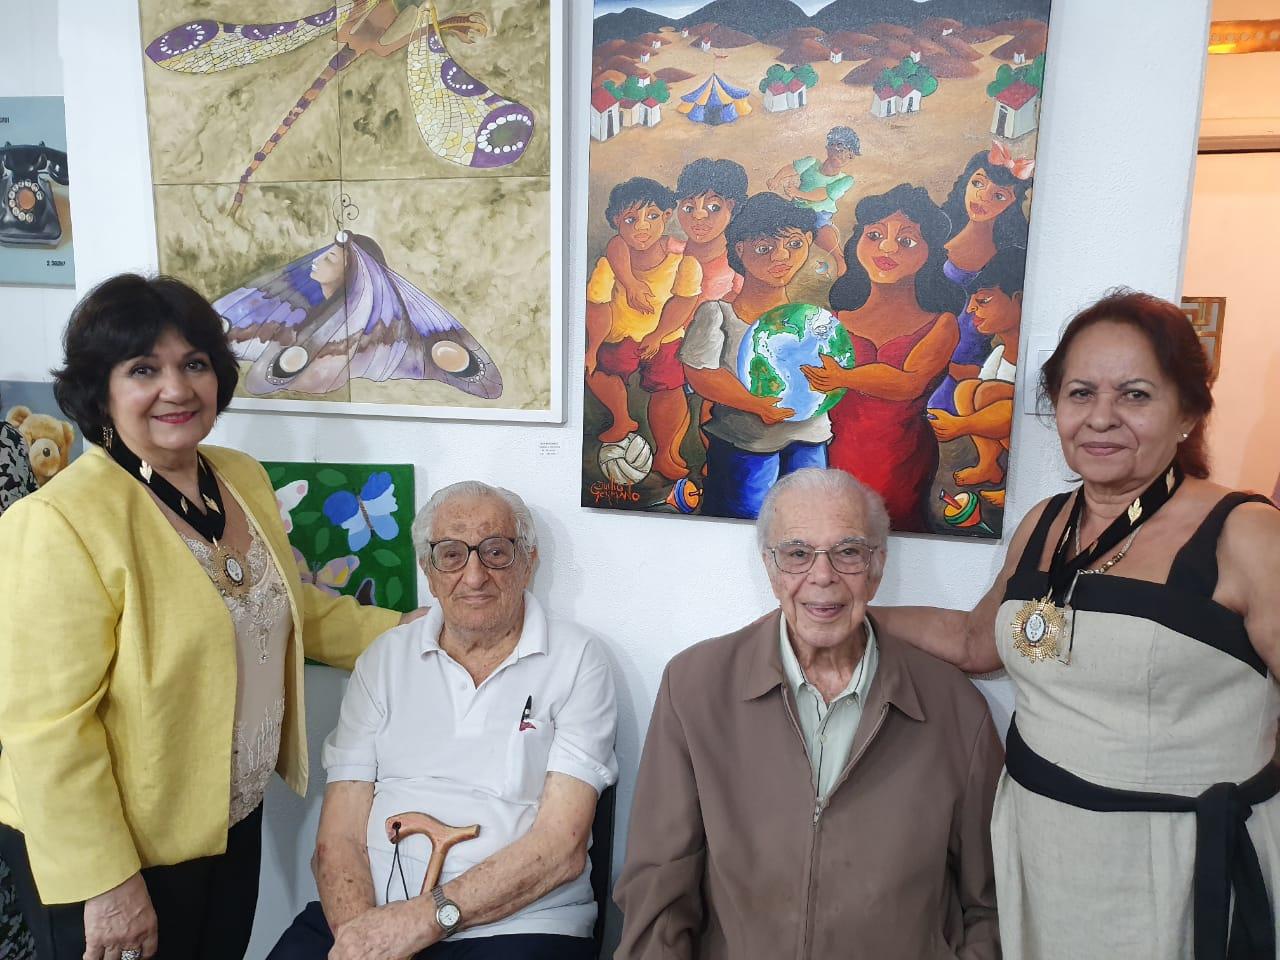 IMG 20200414 WA0045 1 - Academia Brasileira de Belas Artes inaugura sede em Copacabana